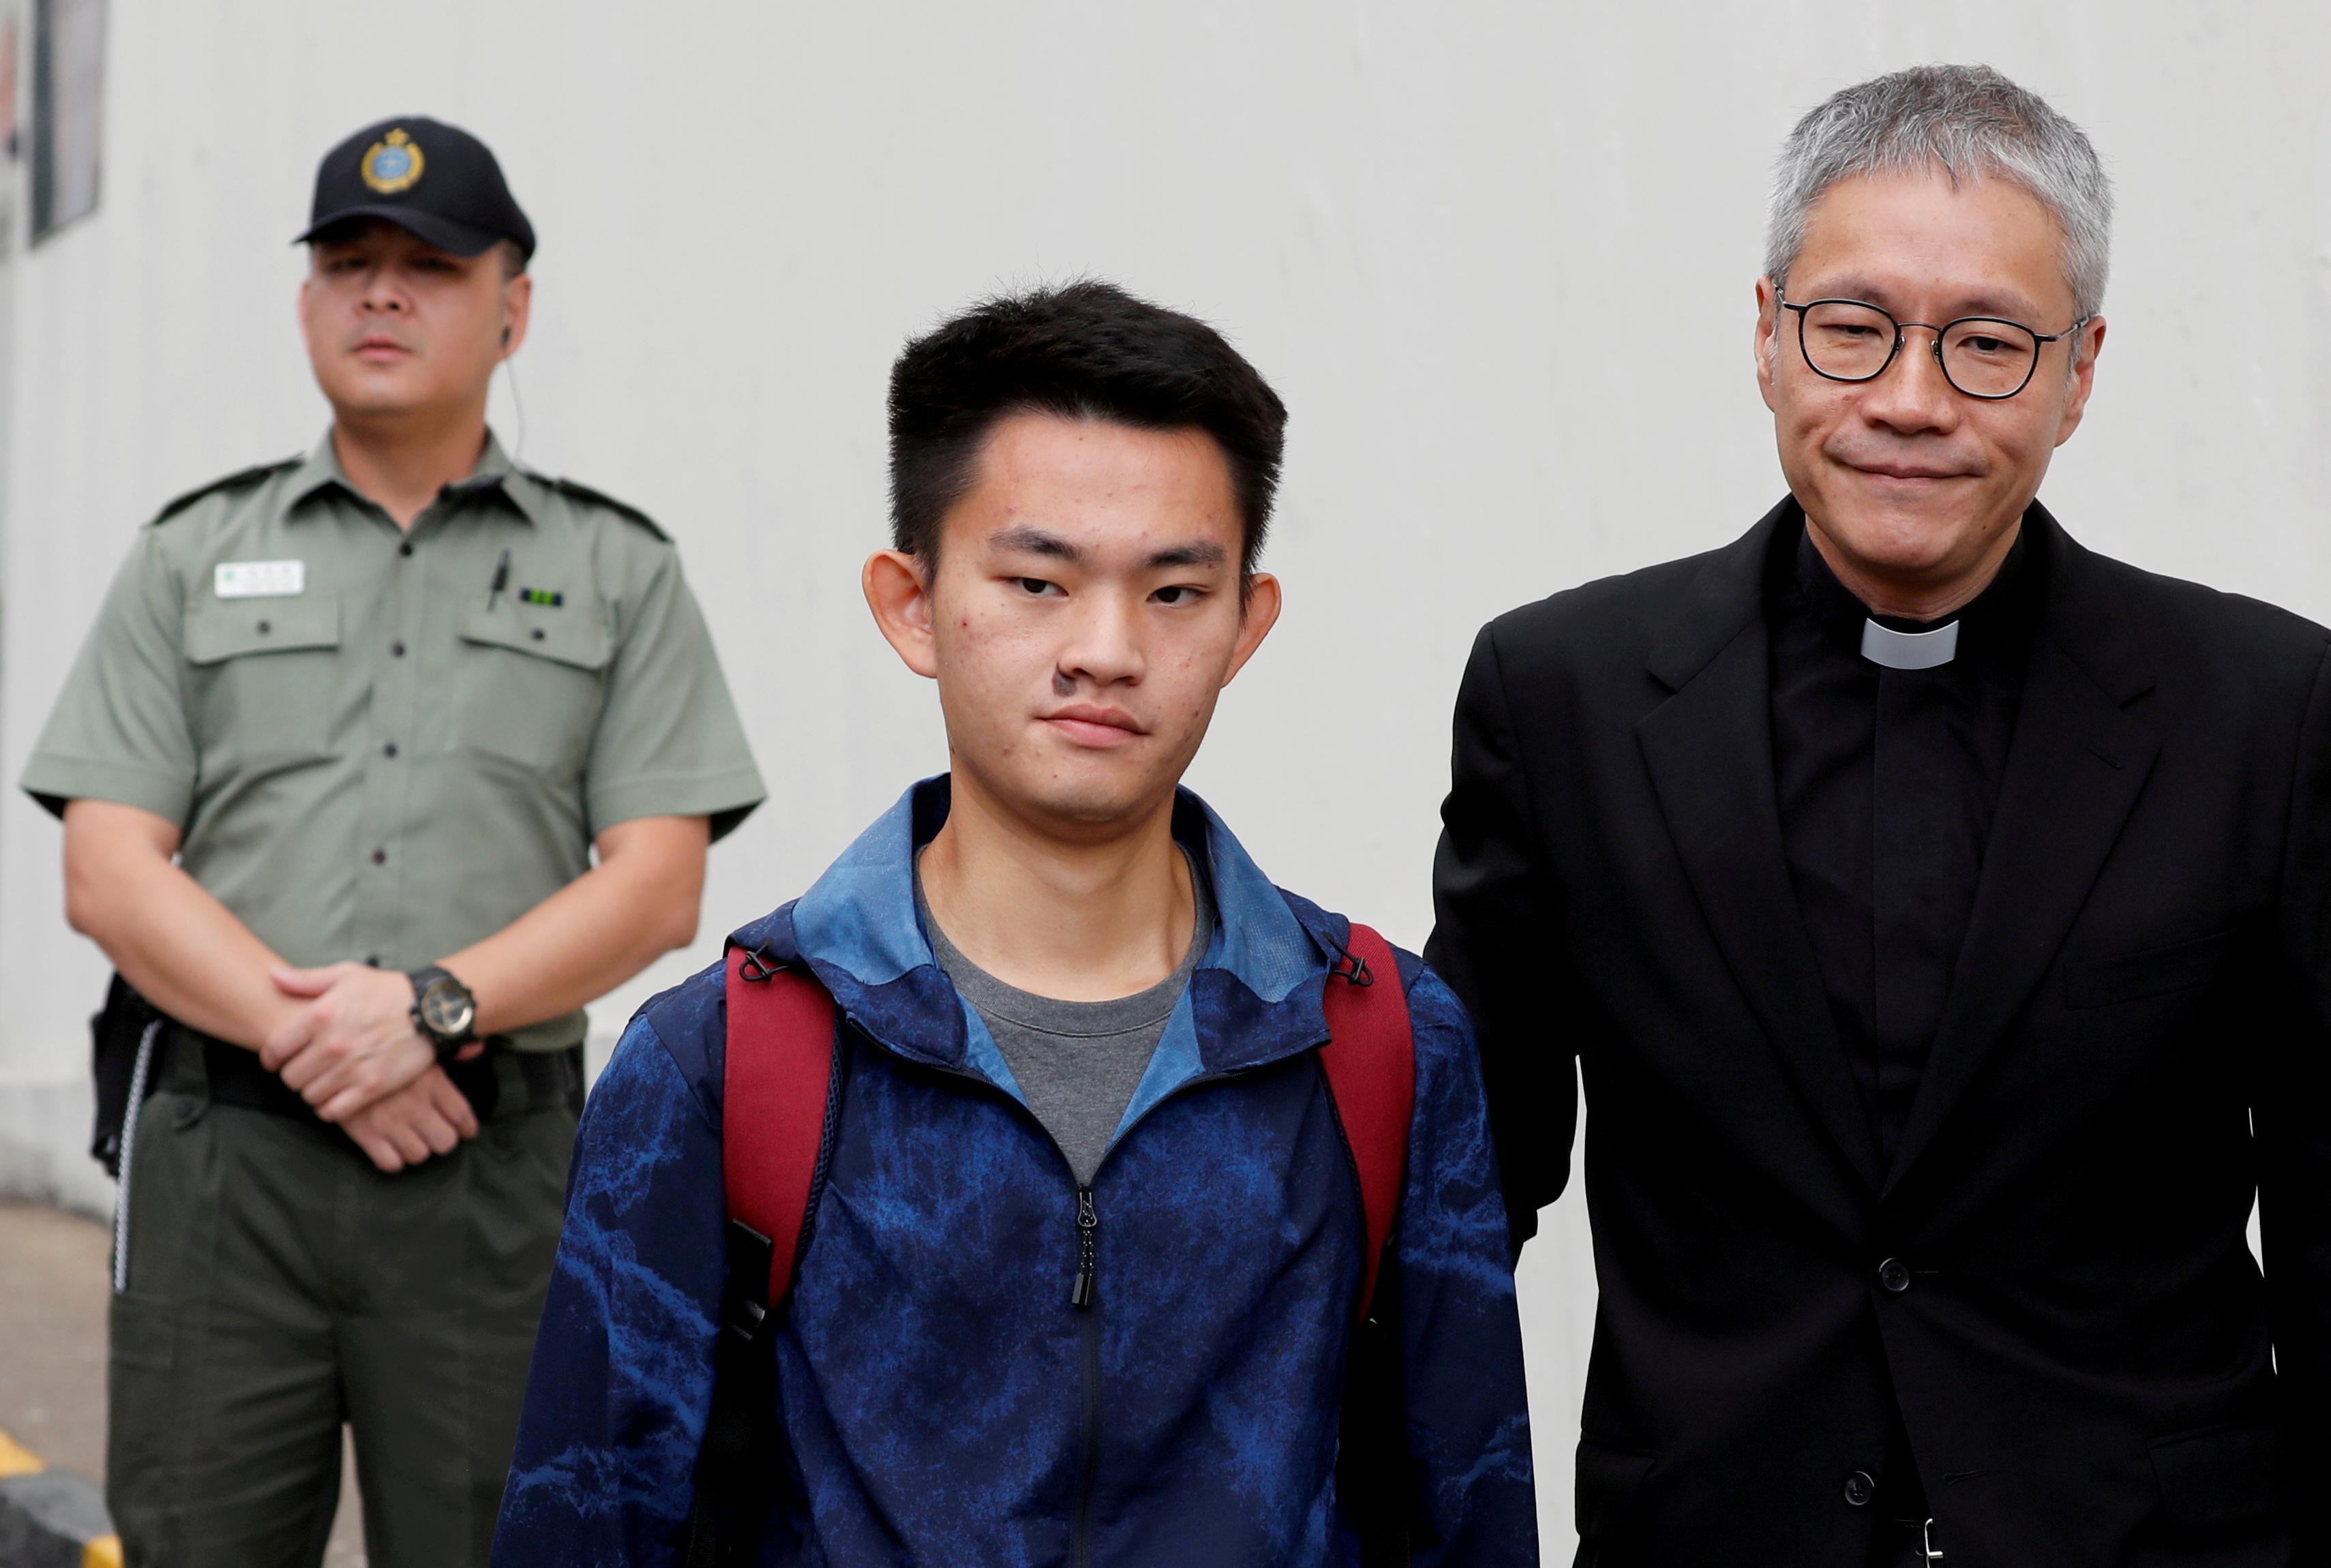 港府当初推动引爆反送中运动的《逃犯条例》修订,宣称要让陈同佳(中)能依法被引渡到台湾受审只是近因,背后有更复杂的远因。-路透社-